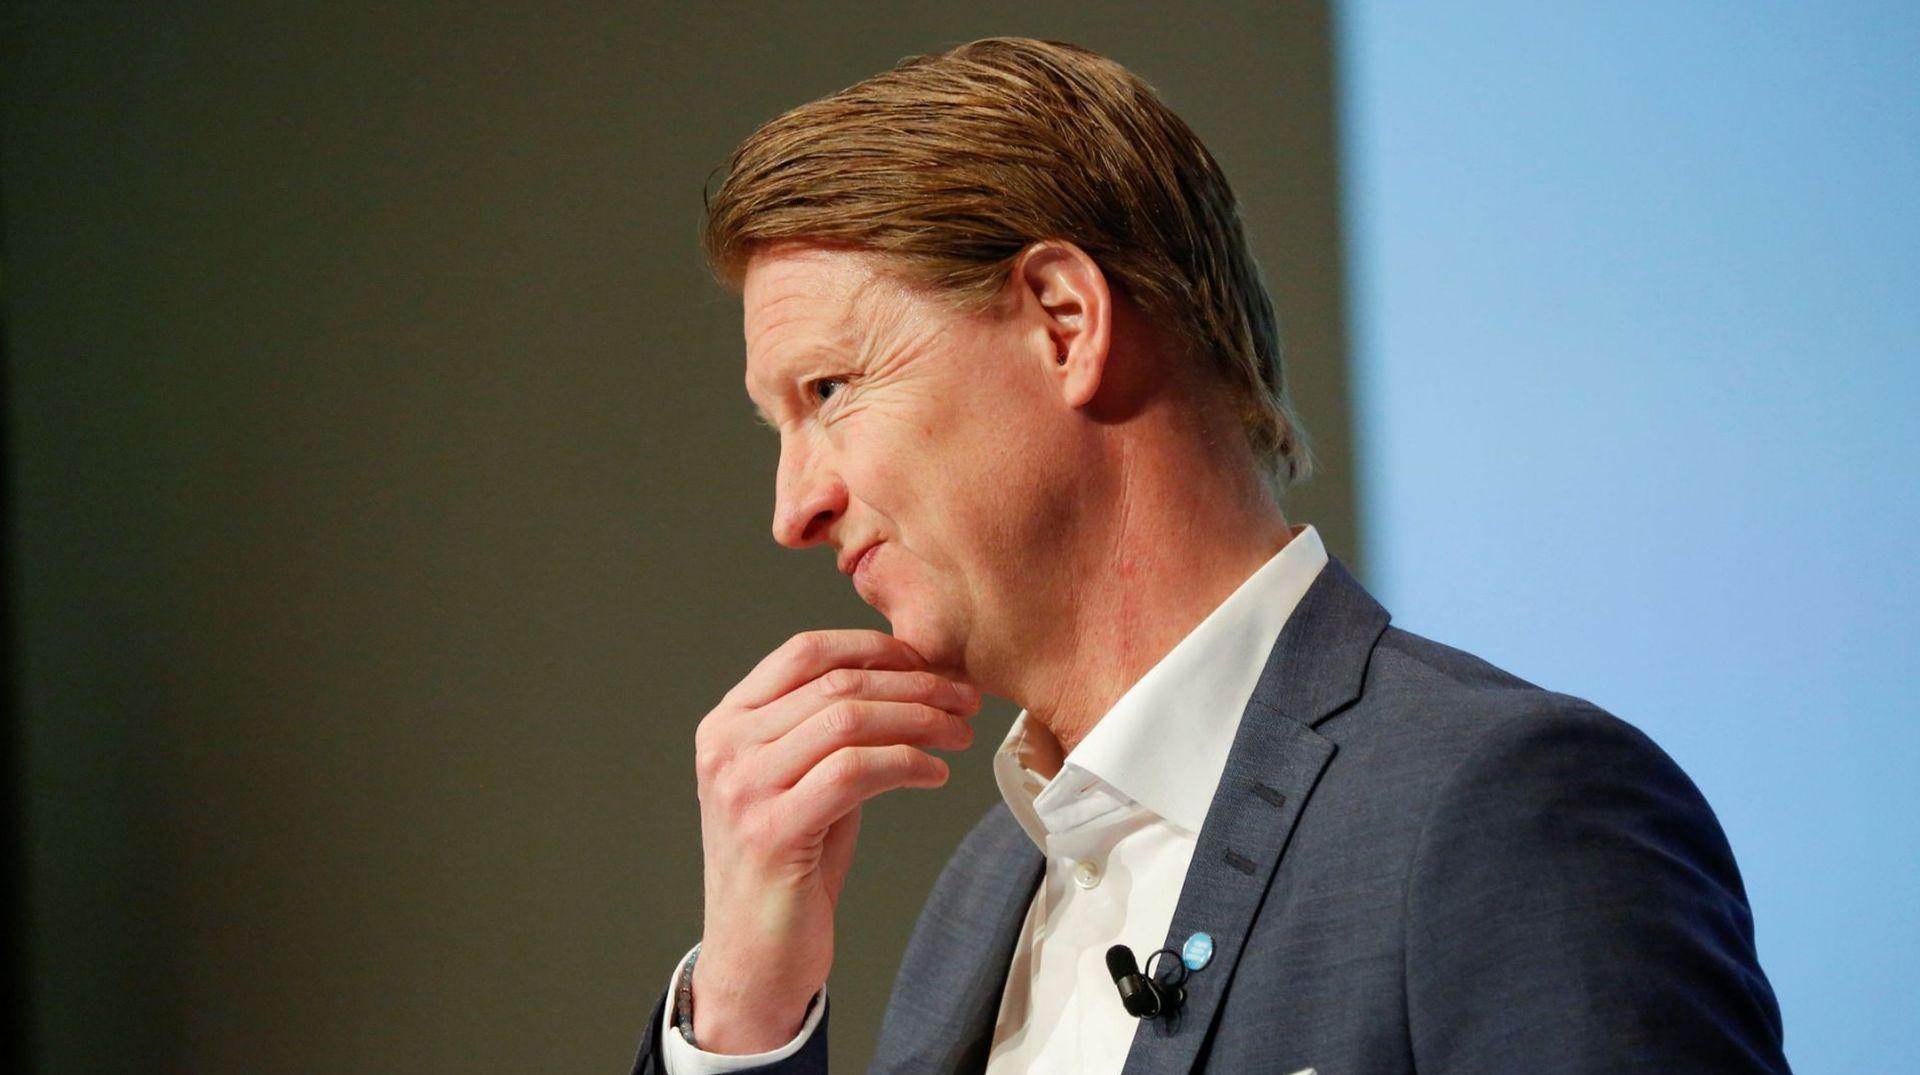 Šef Ericssona Hans Vestberg podnio ostavku nakon slabih poslovnih rezultata